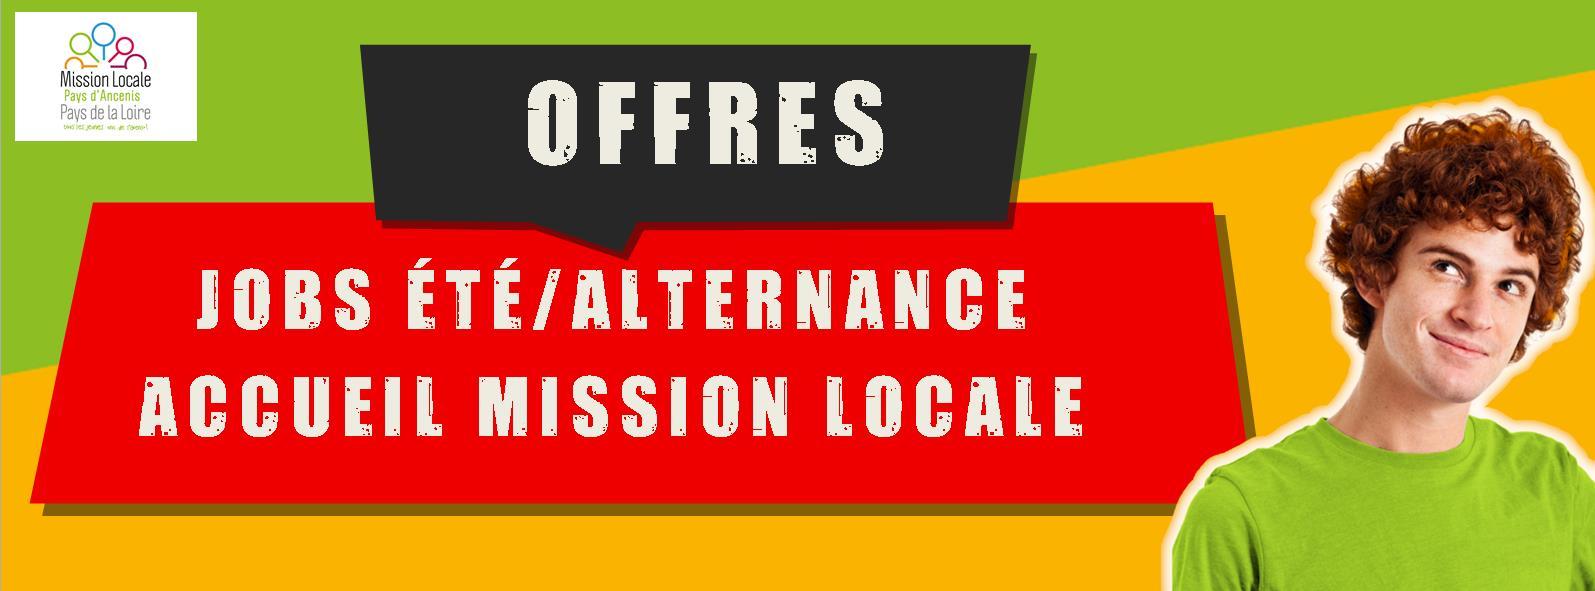 Offres jobs été alternance 2018 - Accueil Mission Locale Ancenis